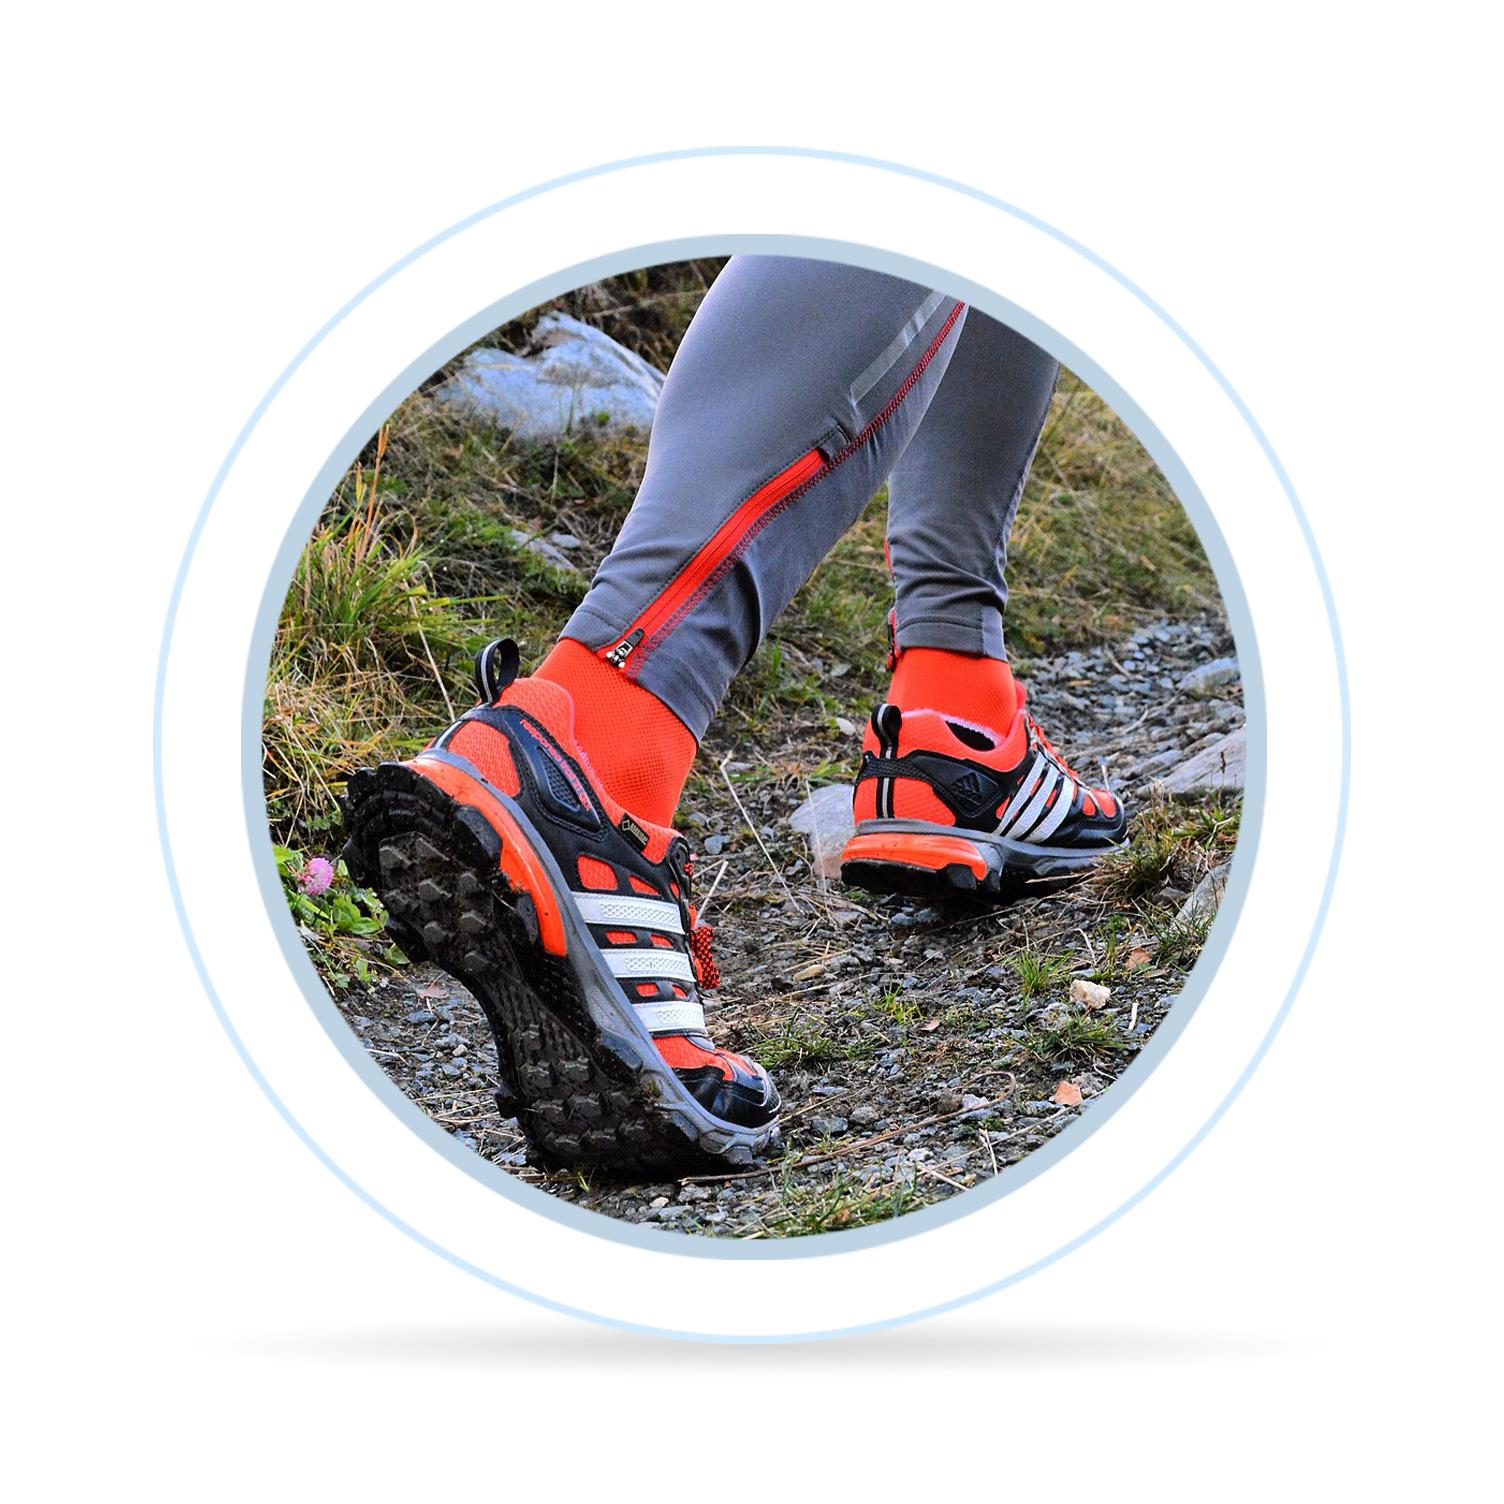 ec650905f1f7d V širokej ponuke modelov si tak môžete vybrať topánky vhodné pre rôzne typy  ľudí, ale aj terénov.